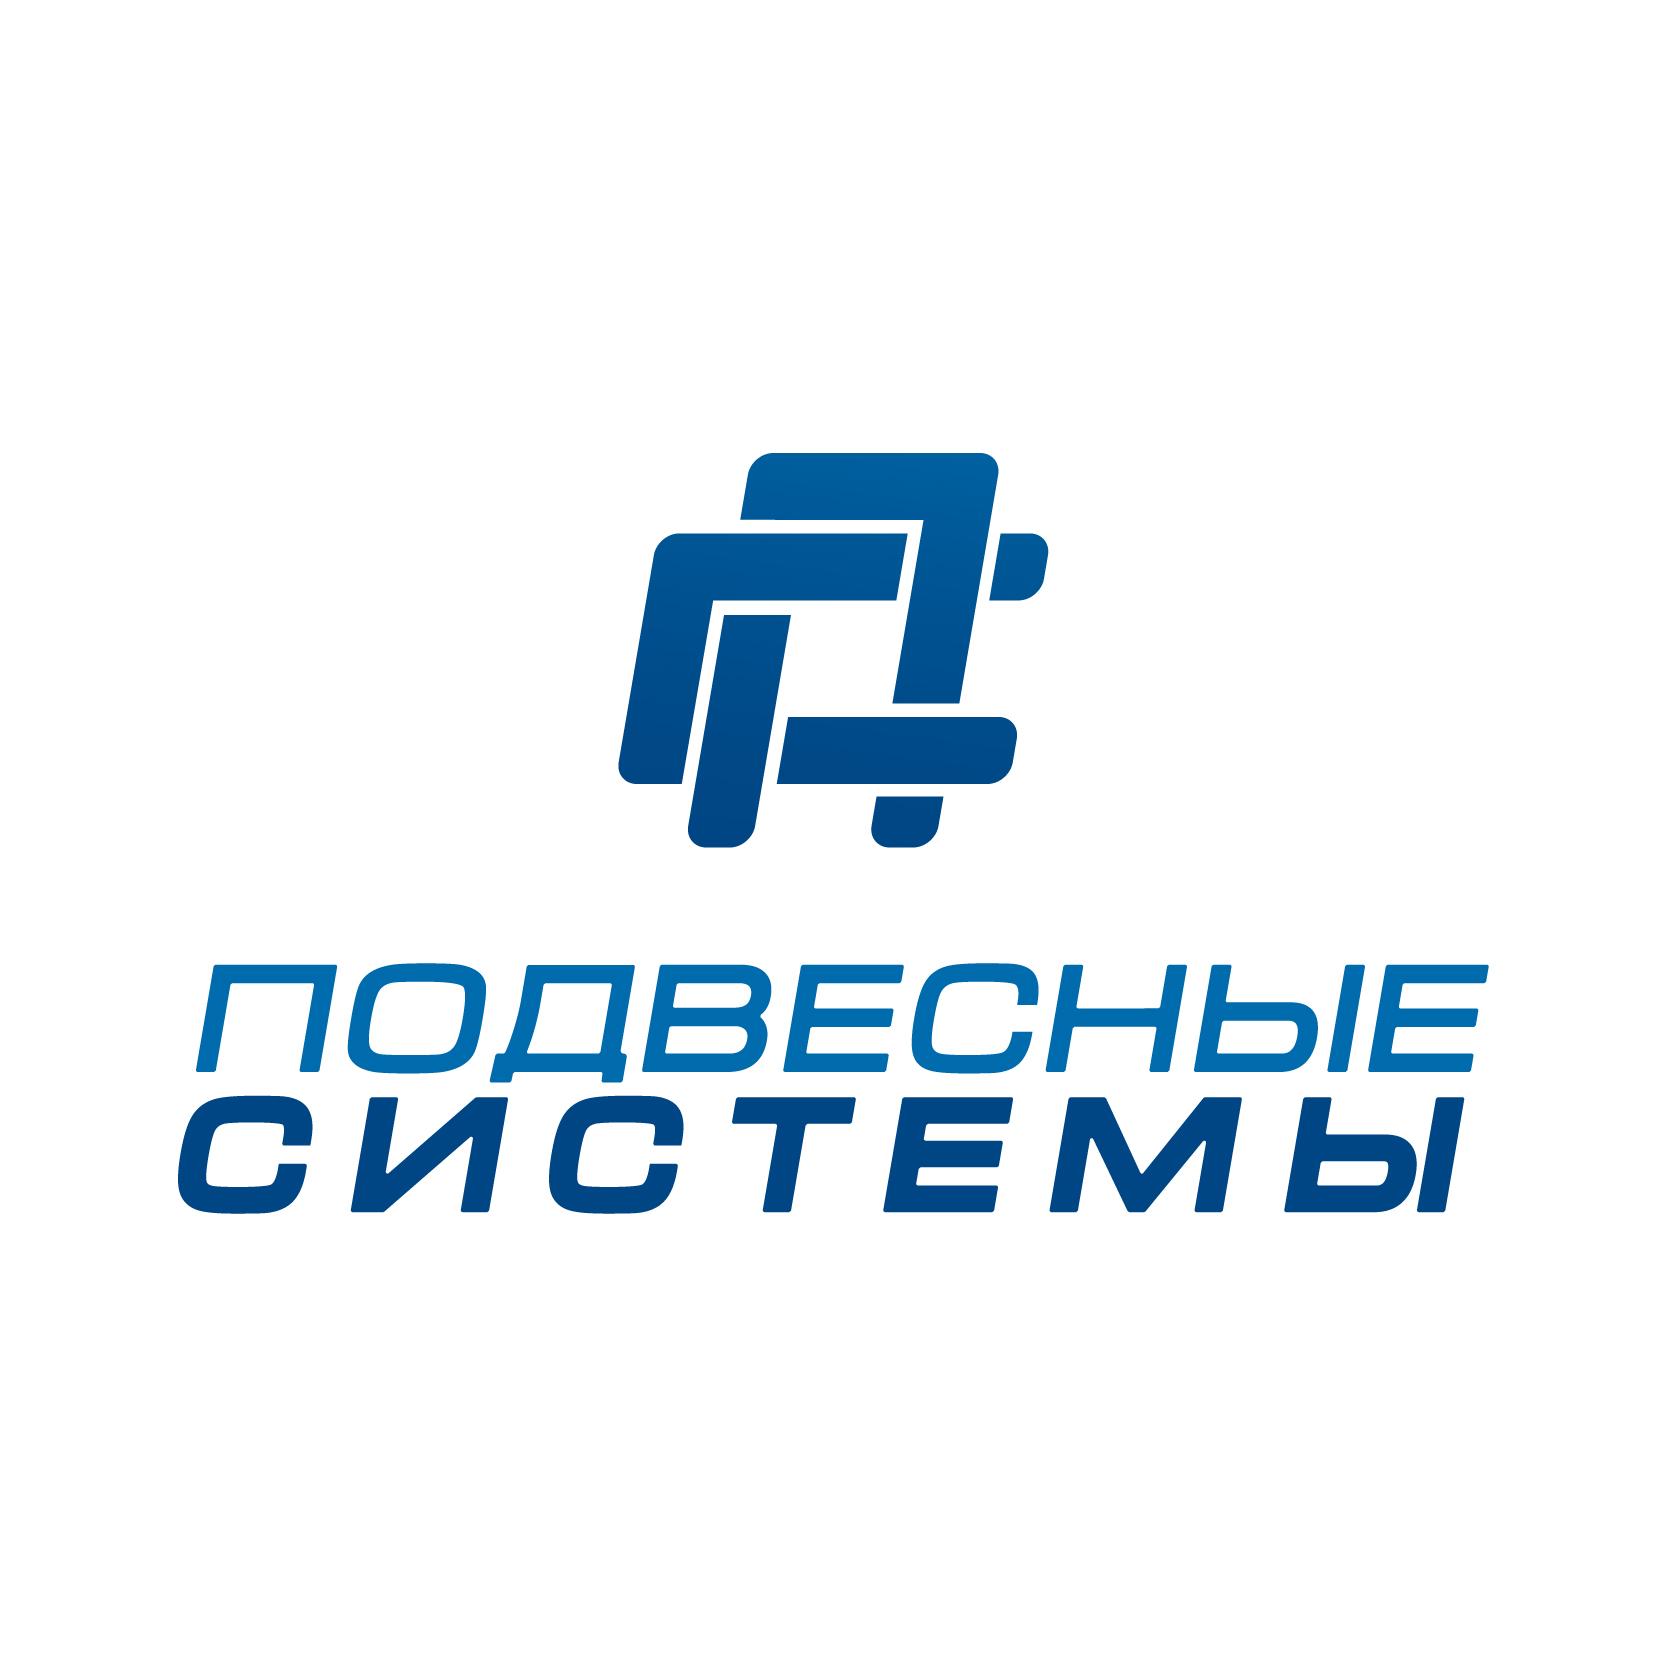 Работа в компании «Подвесные системы» в Рузы